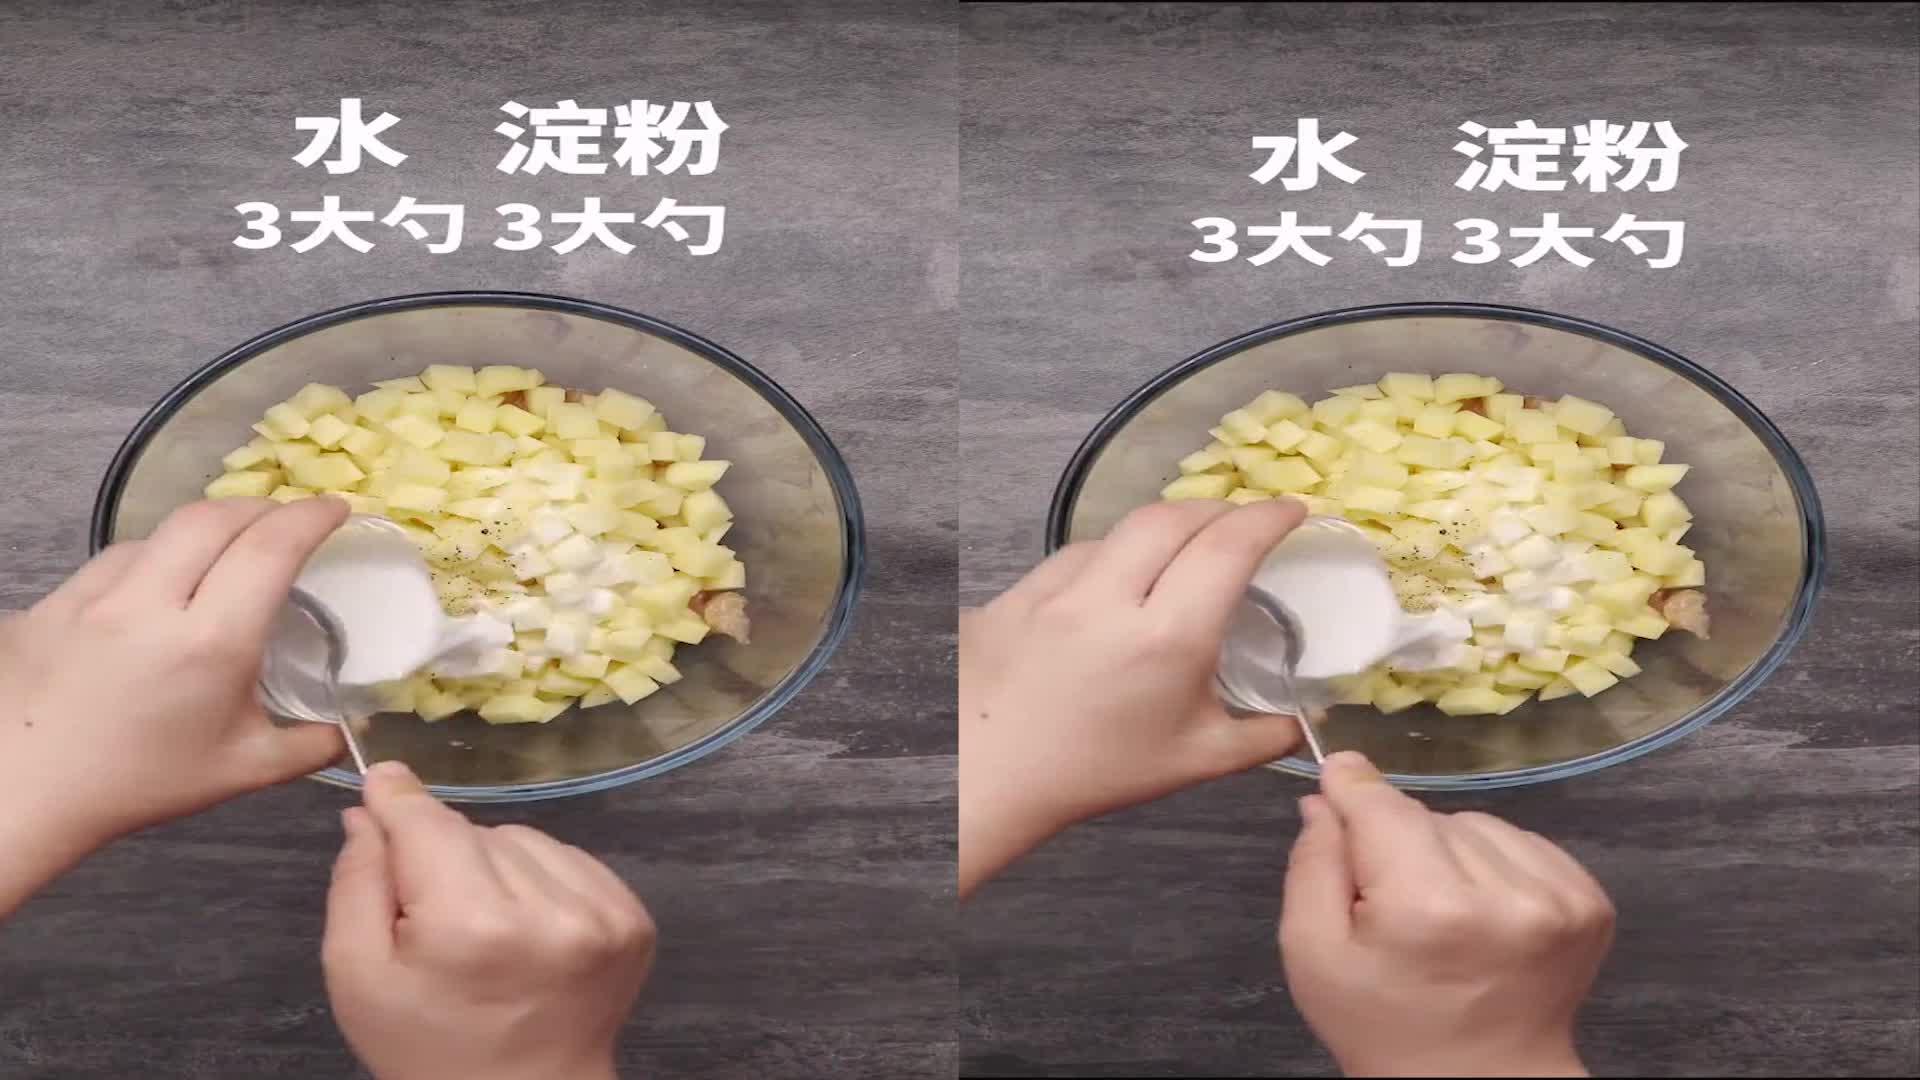 土豆配上鸡块,这样做更加美味